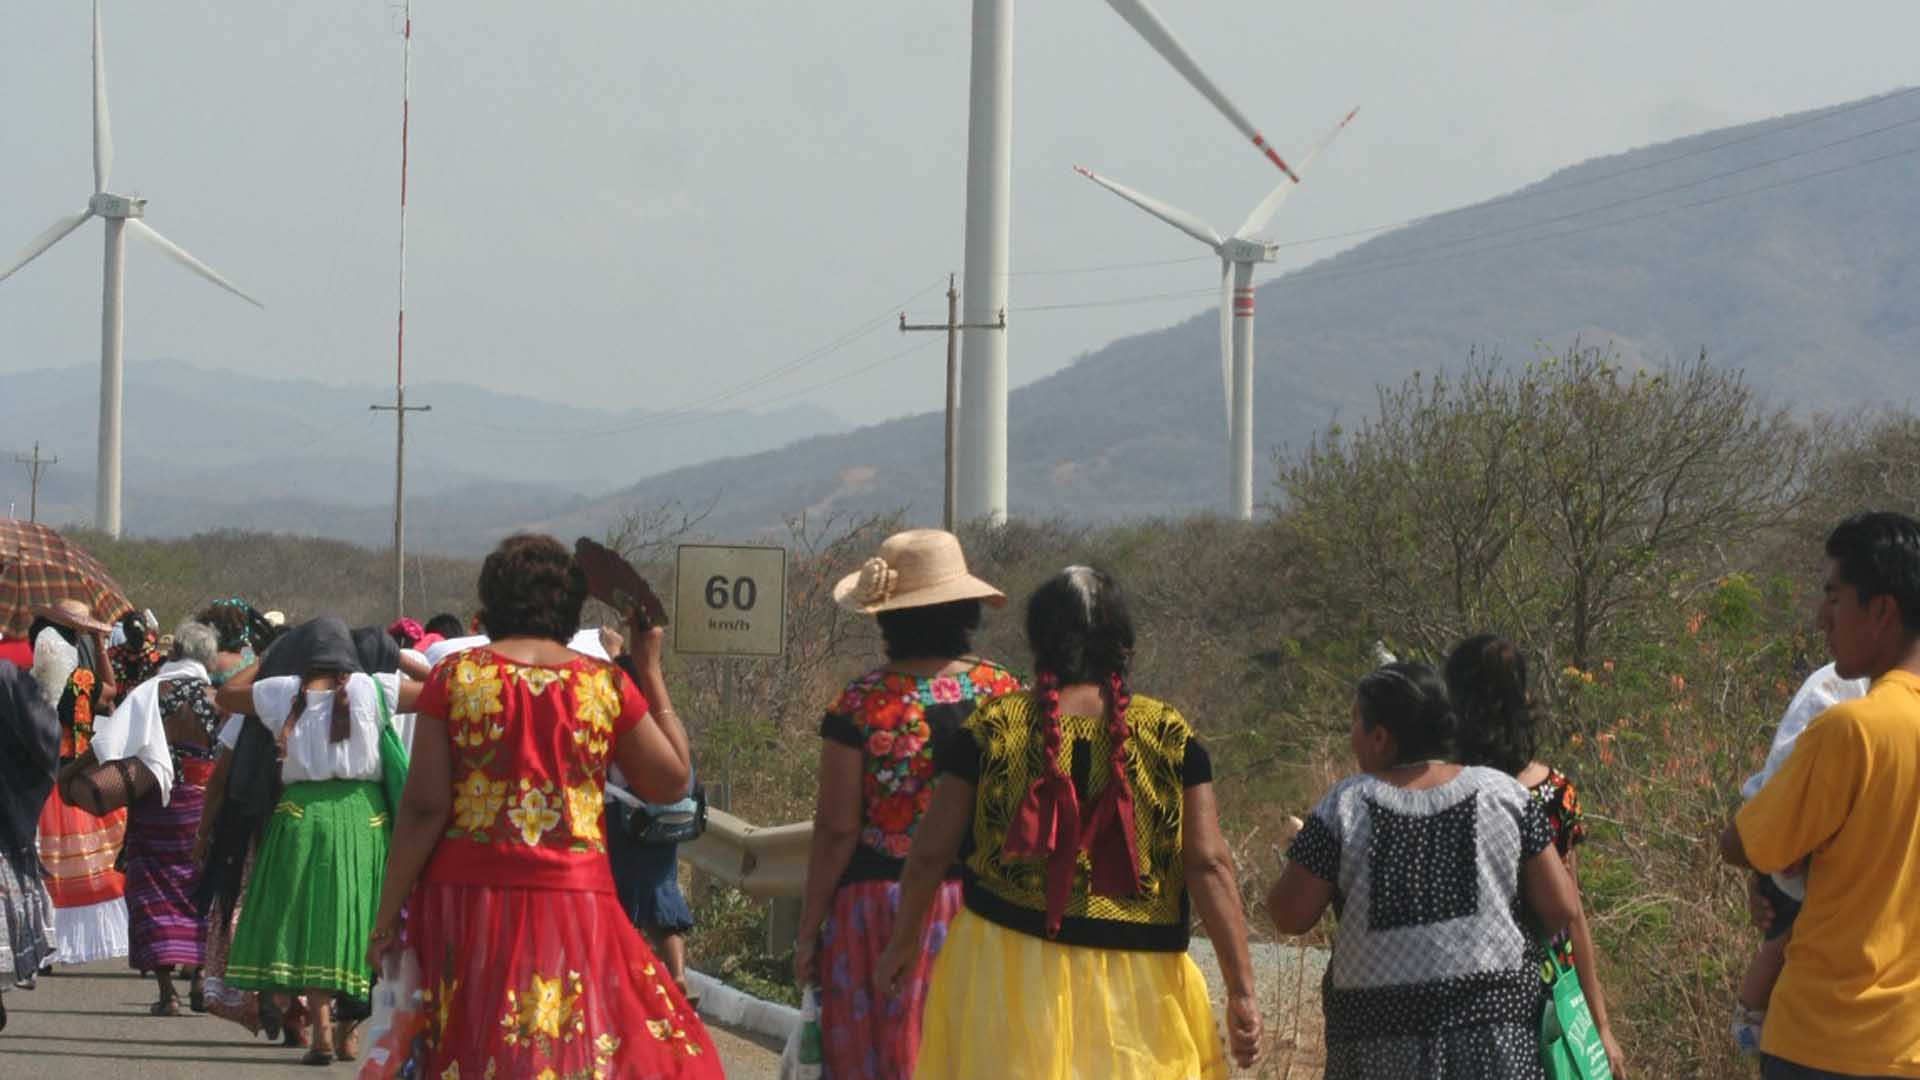 Eólica y energías renovables en México: Parque eólico de Mareña en Oaxaca con aerogeneradores de Vestas